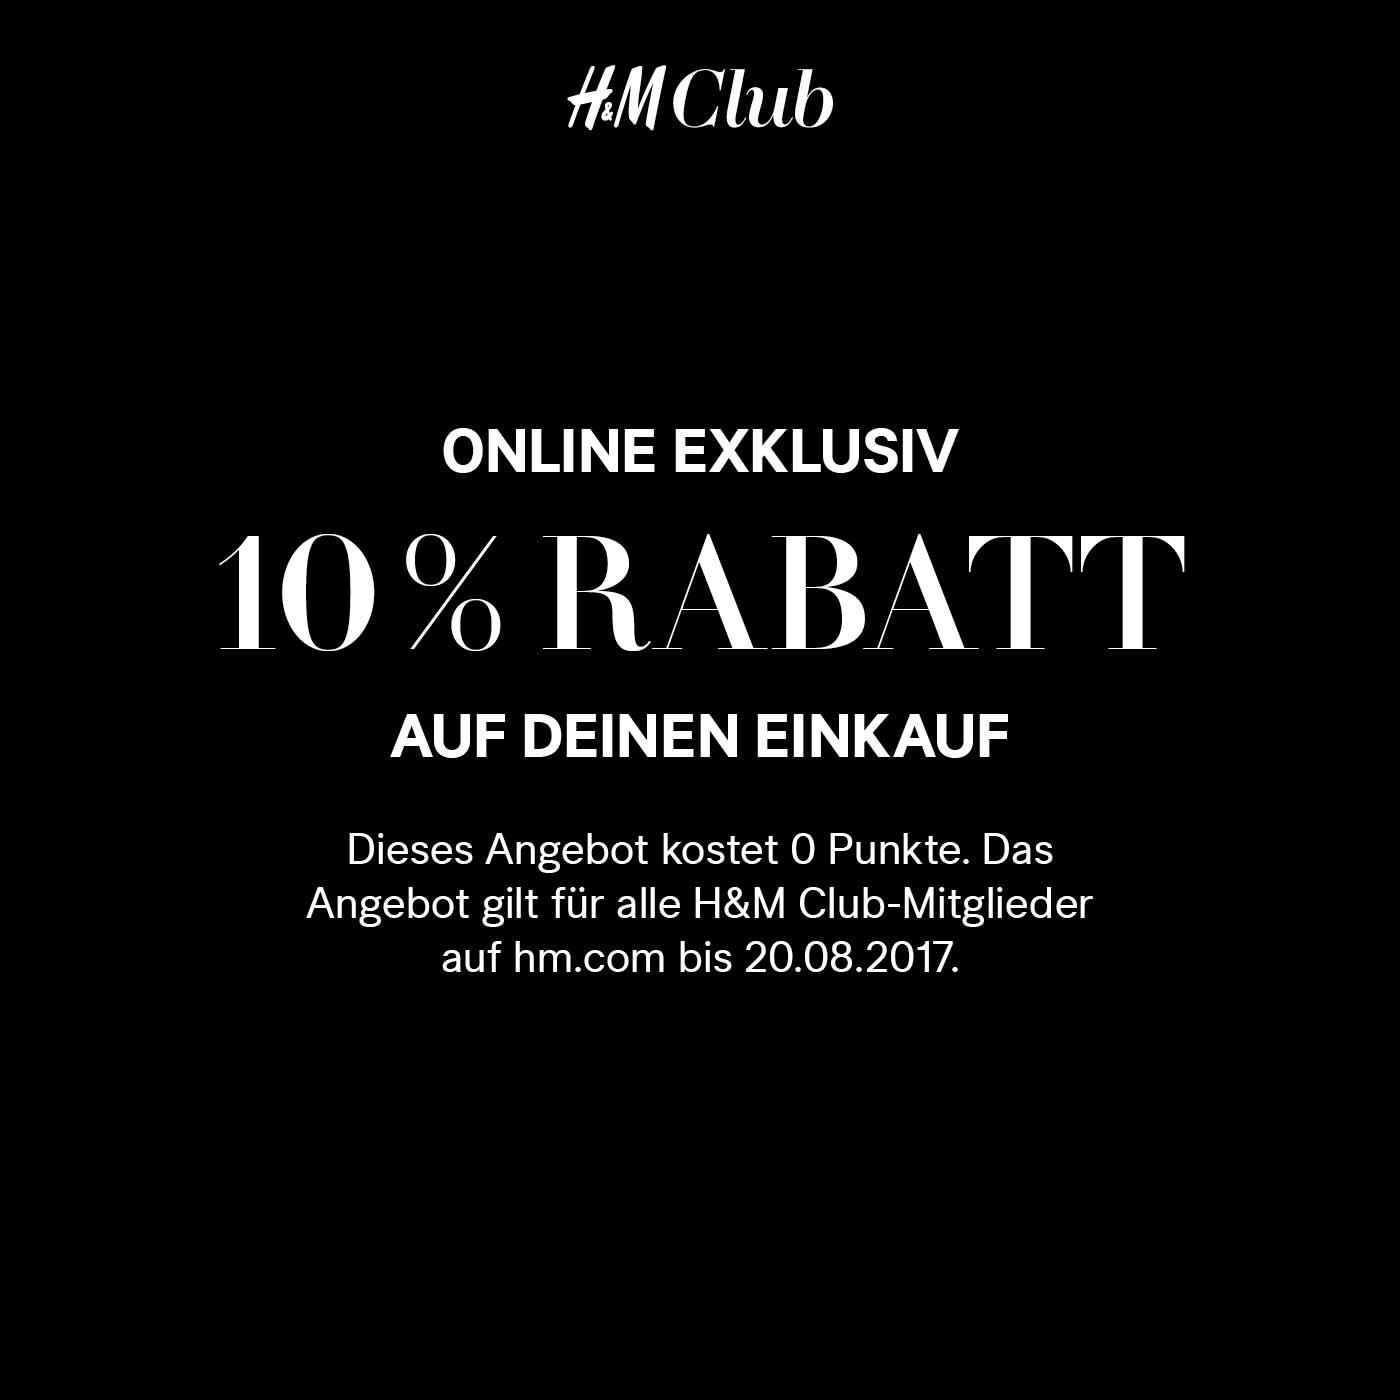 H&M Club: 10% Rabatt auf den kompletten Einkauf + keine Versandksoten - nur bis zum 20. August